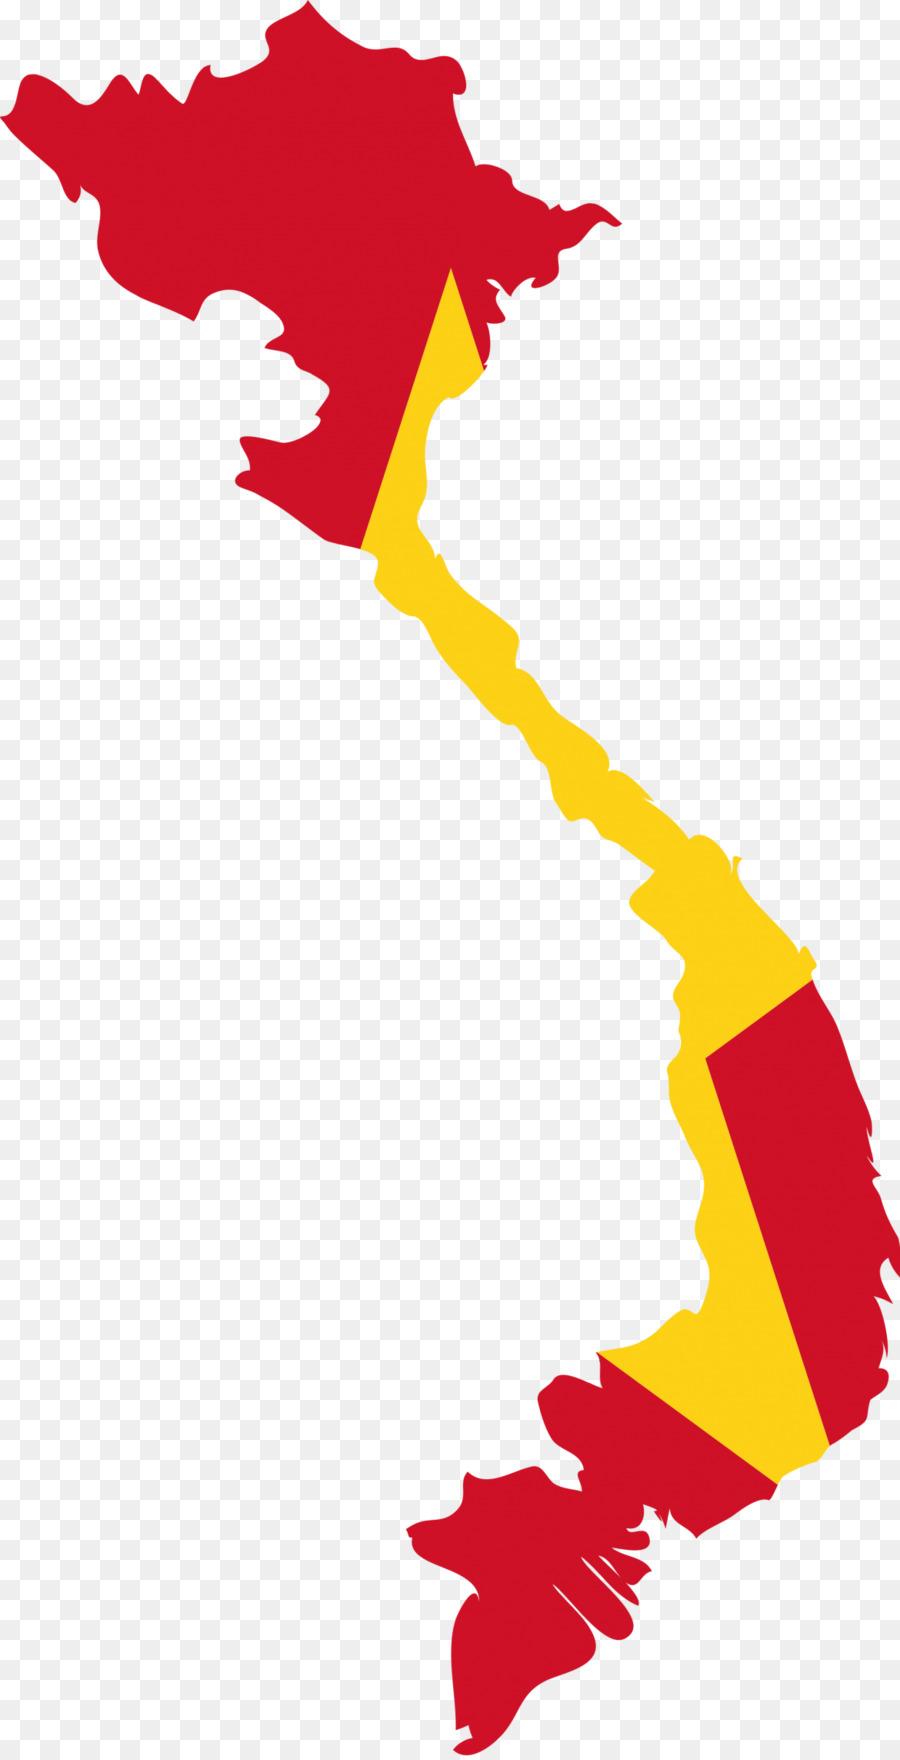 Sa Pa North Vietnam South Vietnam Flag Of Vietnam Map Vietnam Png